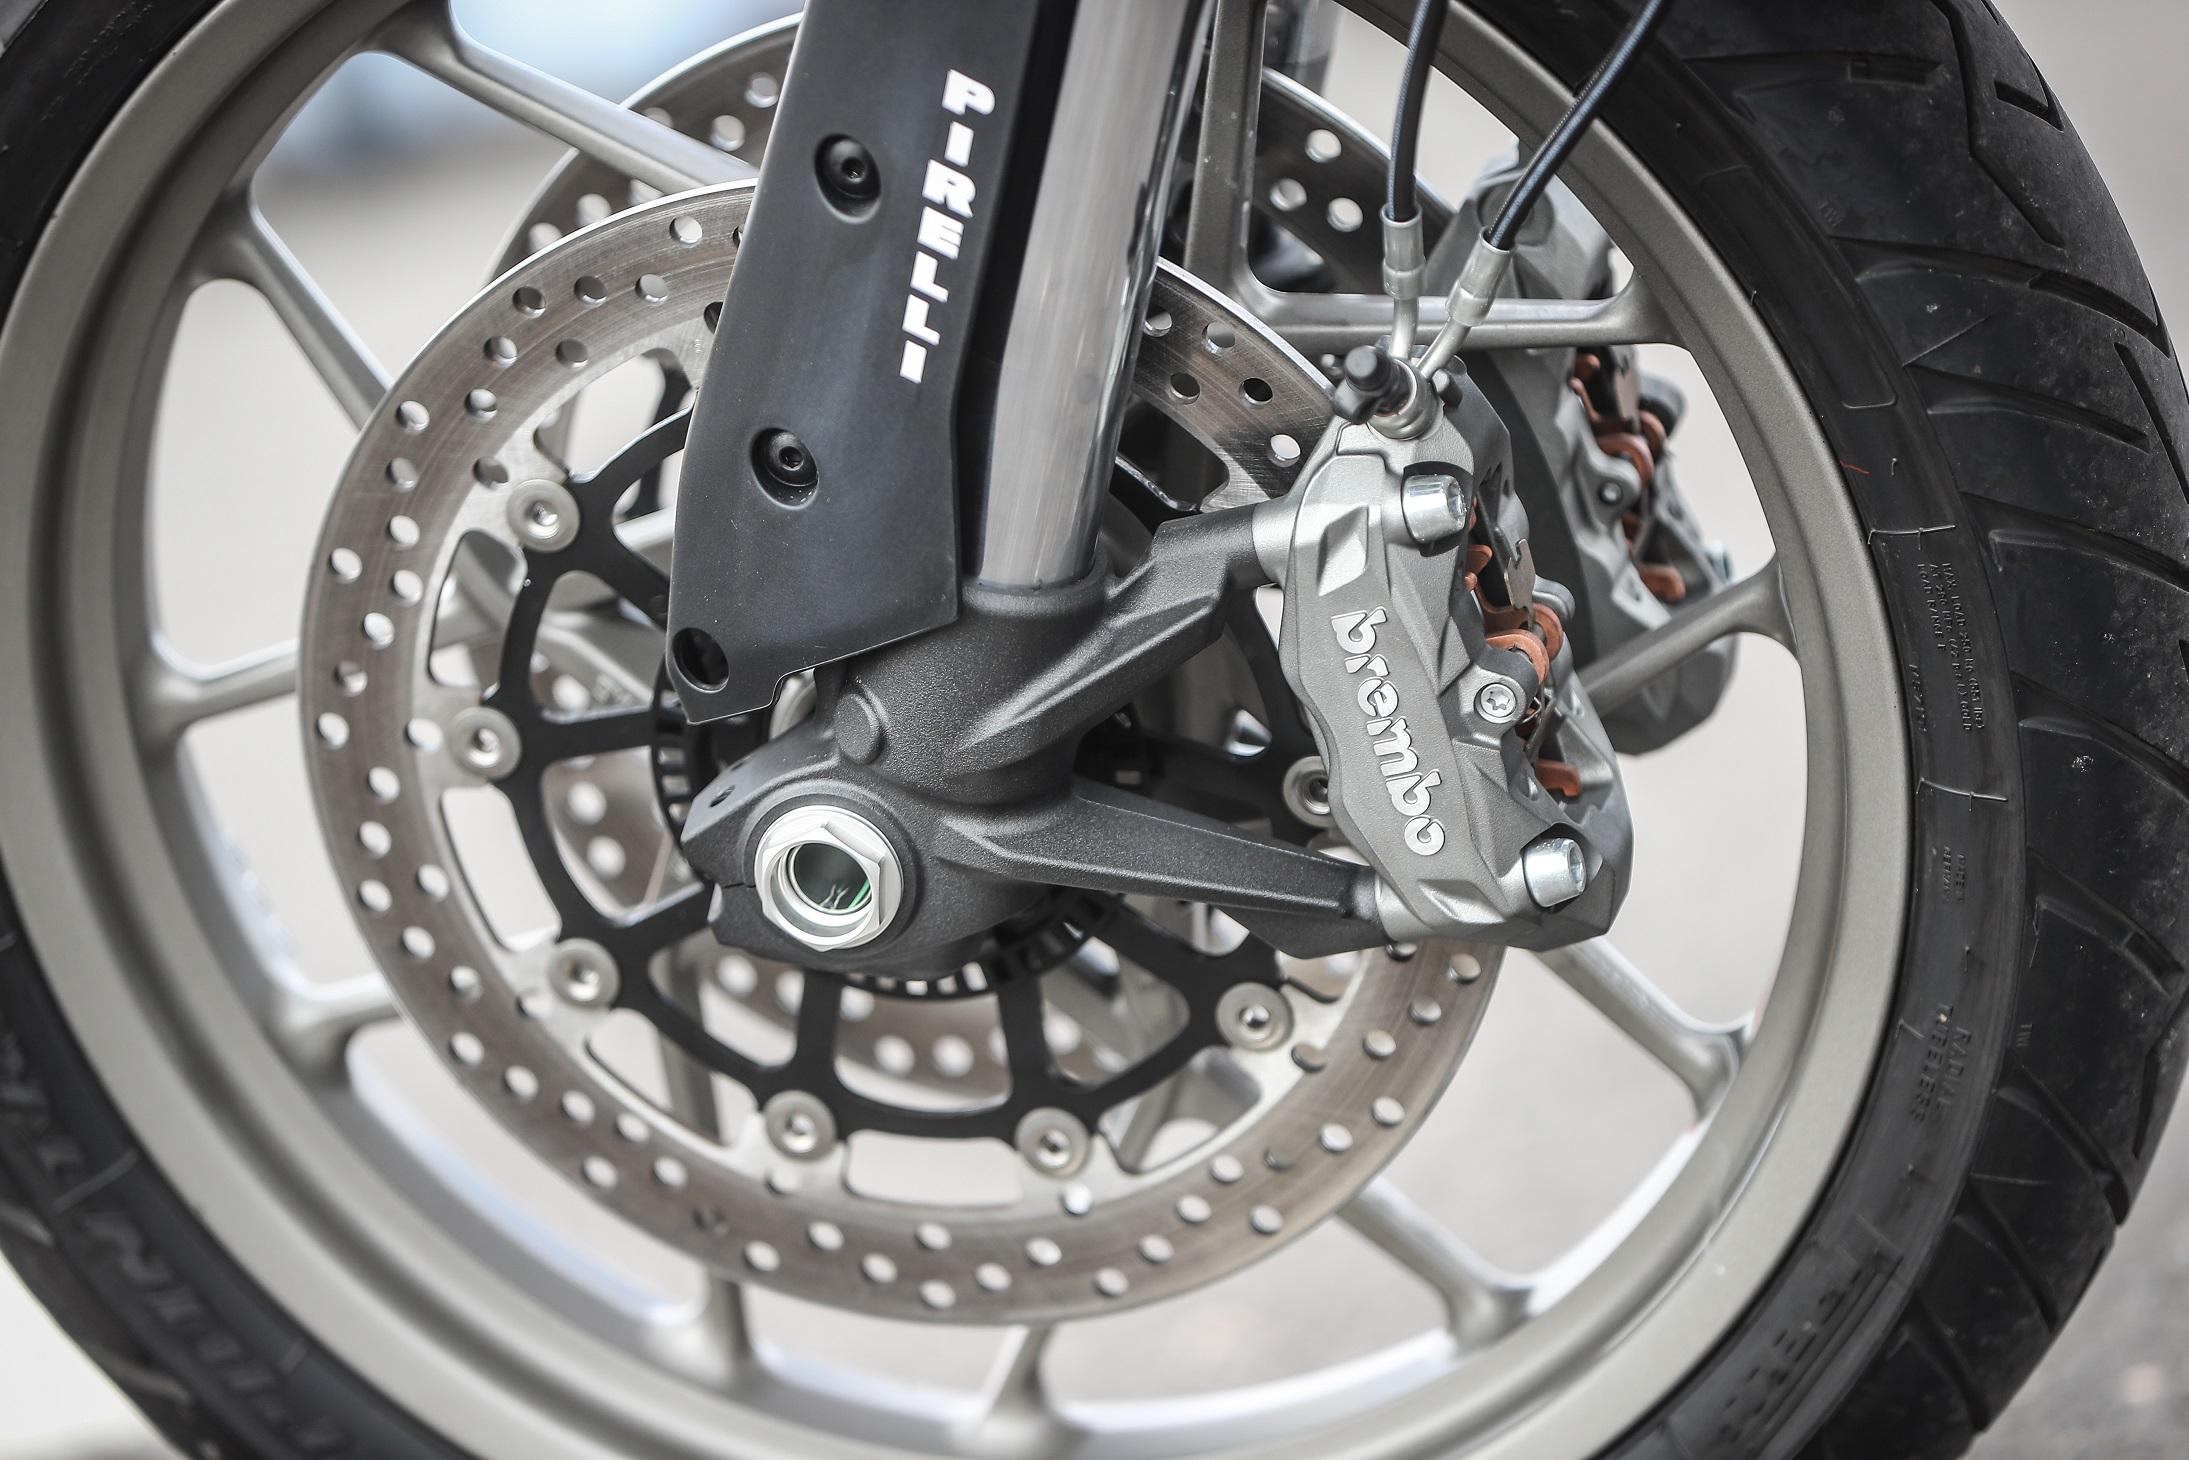 Ducati Multistrada 950 brakes